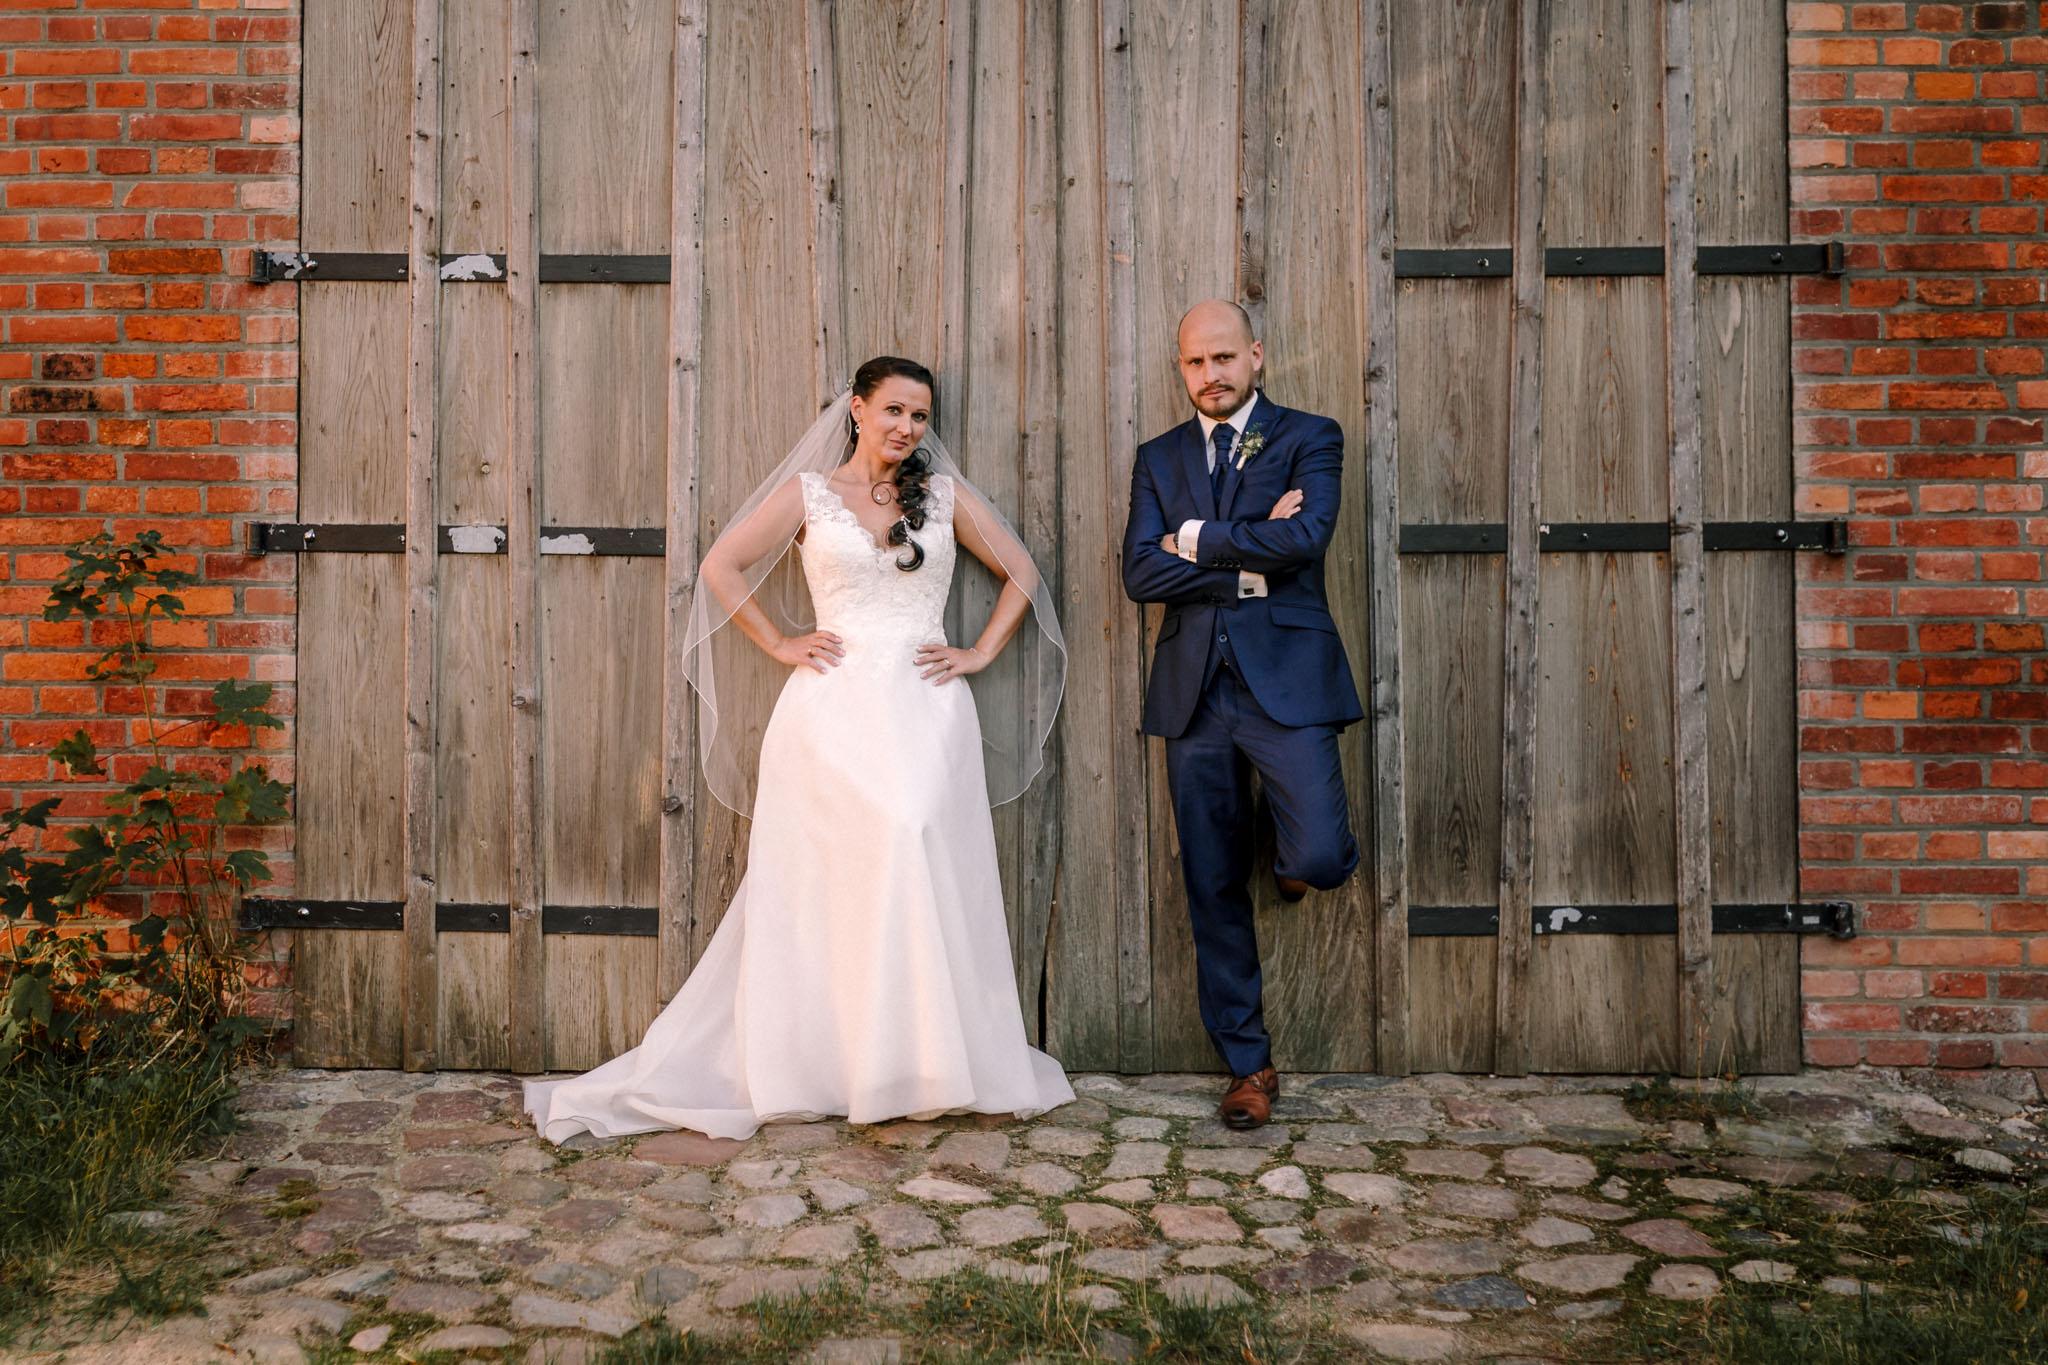 Hochzeitsfieber by Photo-Schomburg, Hochzeitsfotograf, Hamburg,Hochzeitstag, Hochzeitspaar, Braut, Bräutigam, Literaturhauscafe Zarrentin-100